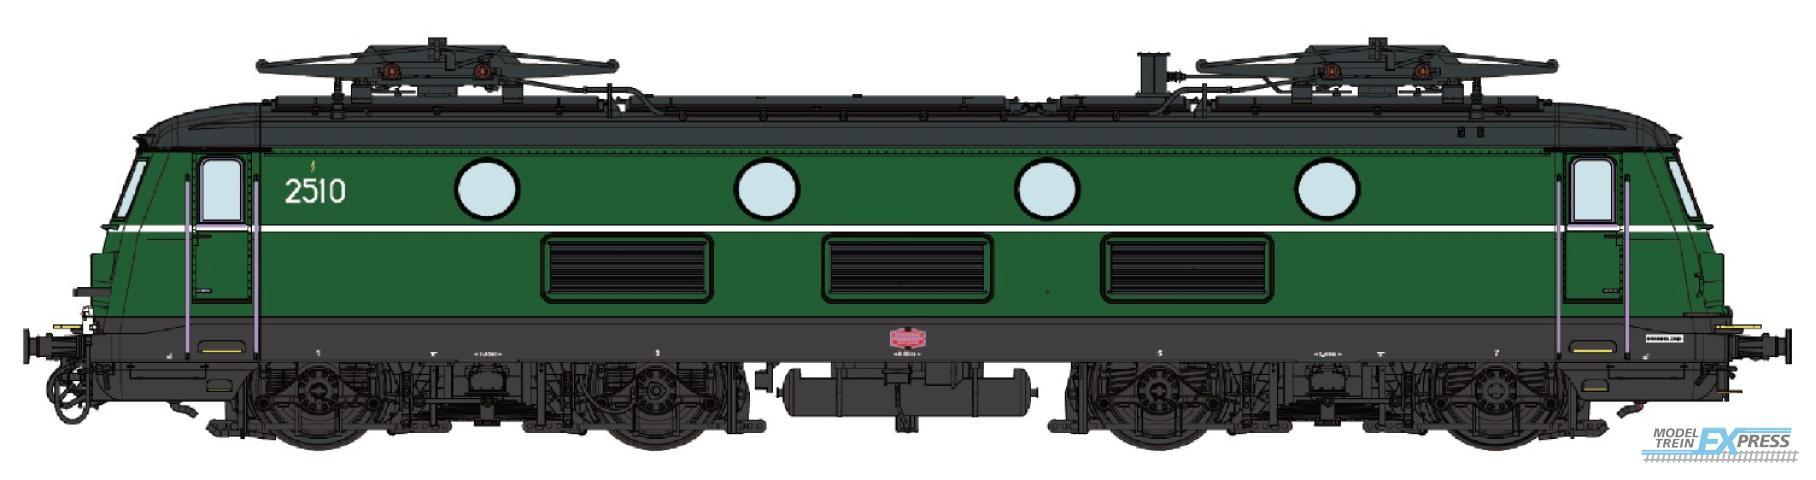 B-Models 3203.02